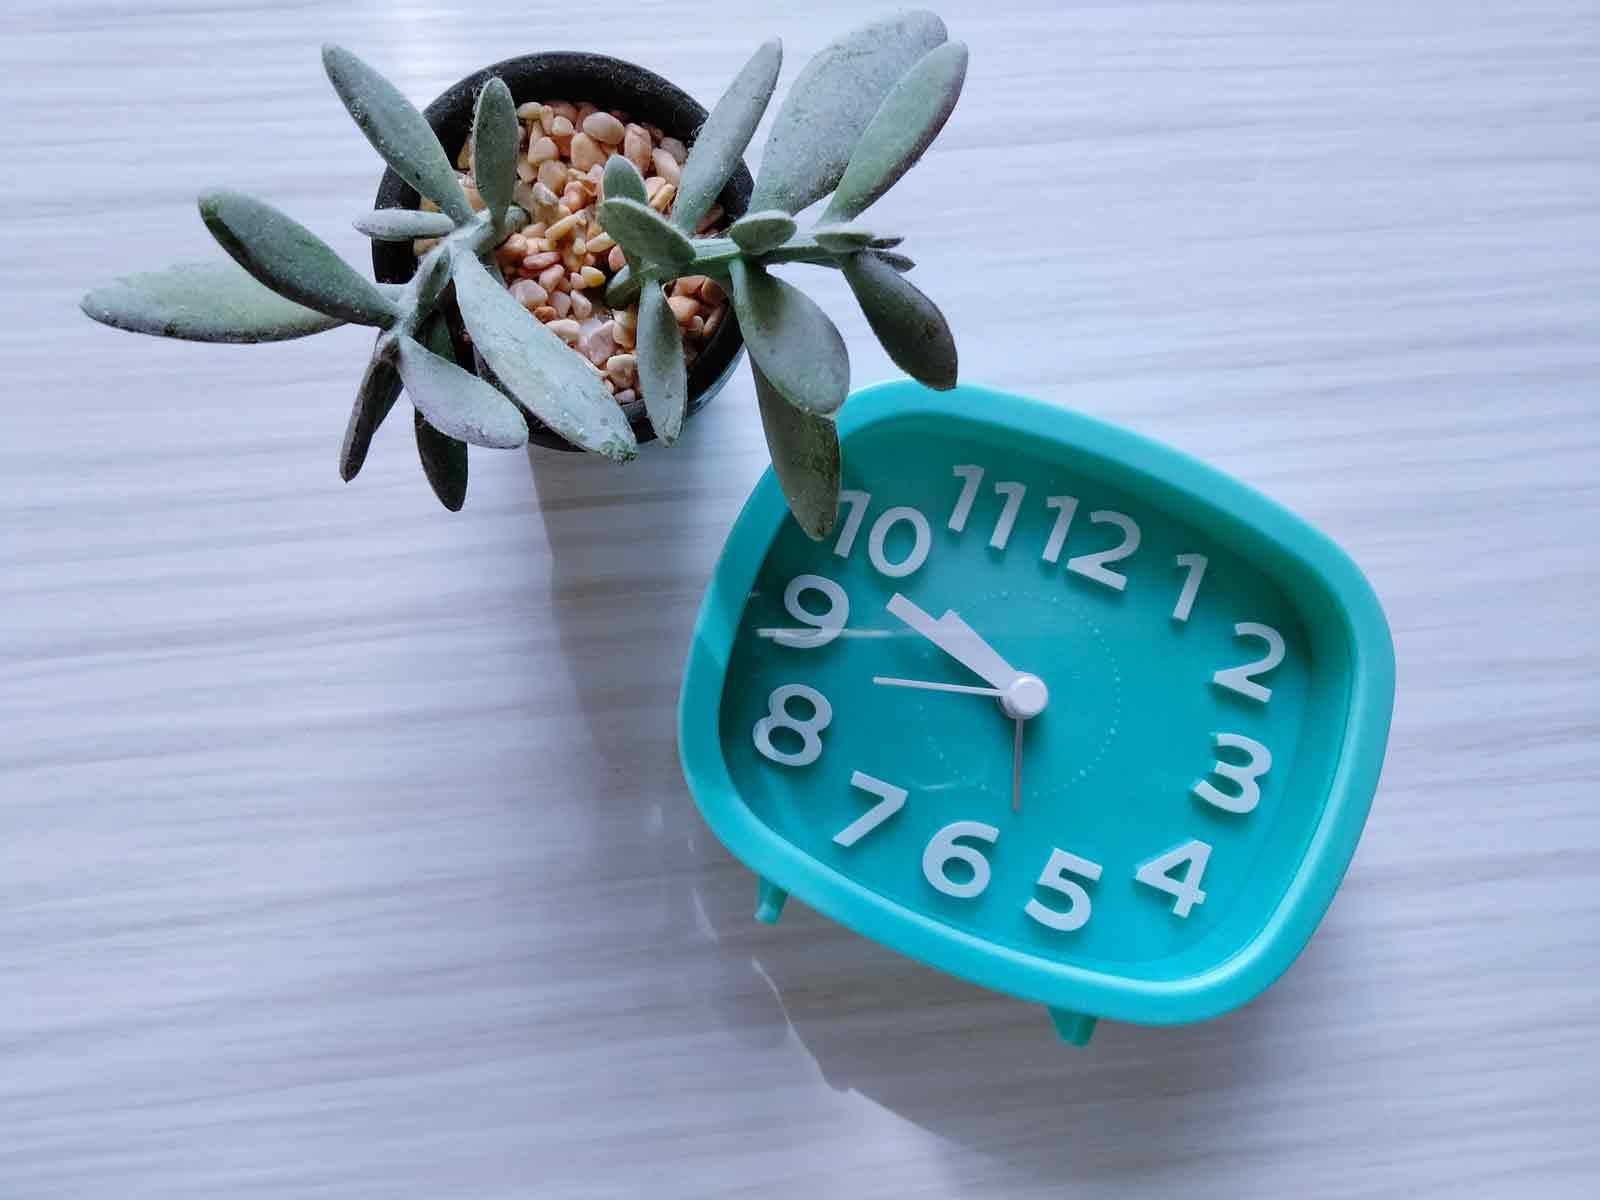 机の上に多肉植物と青色の目覚まし時計が置かれている